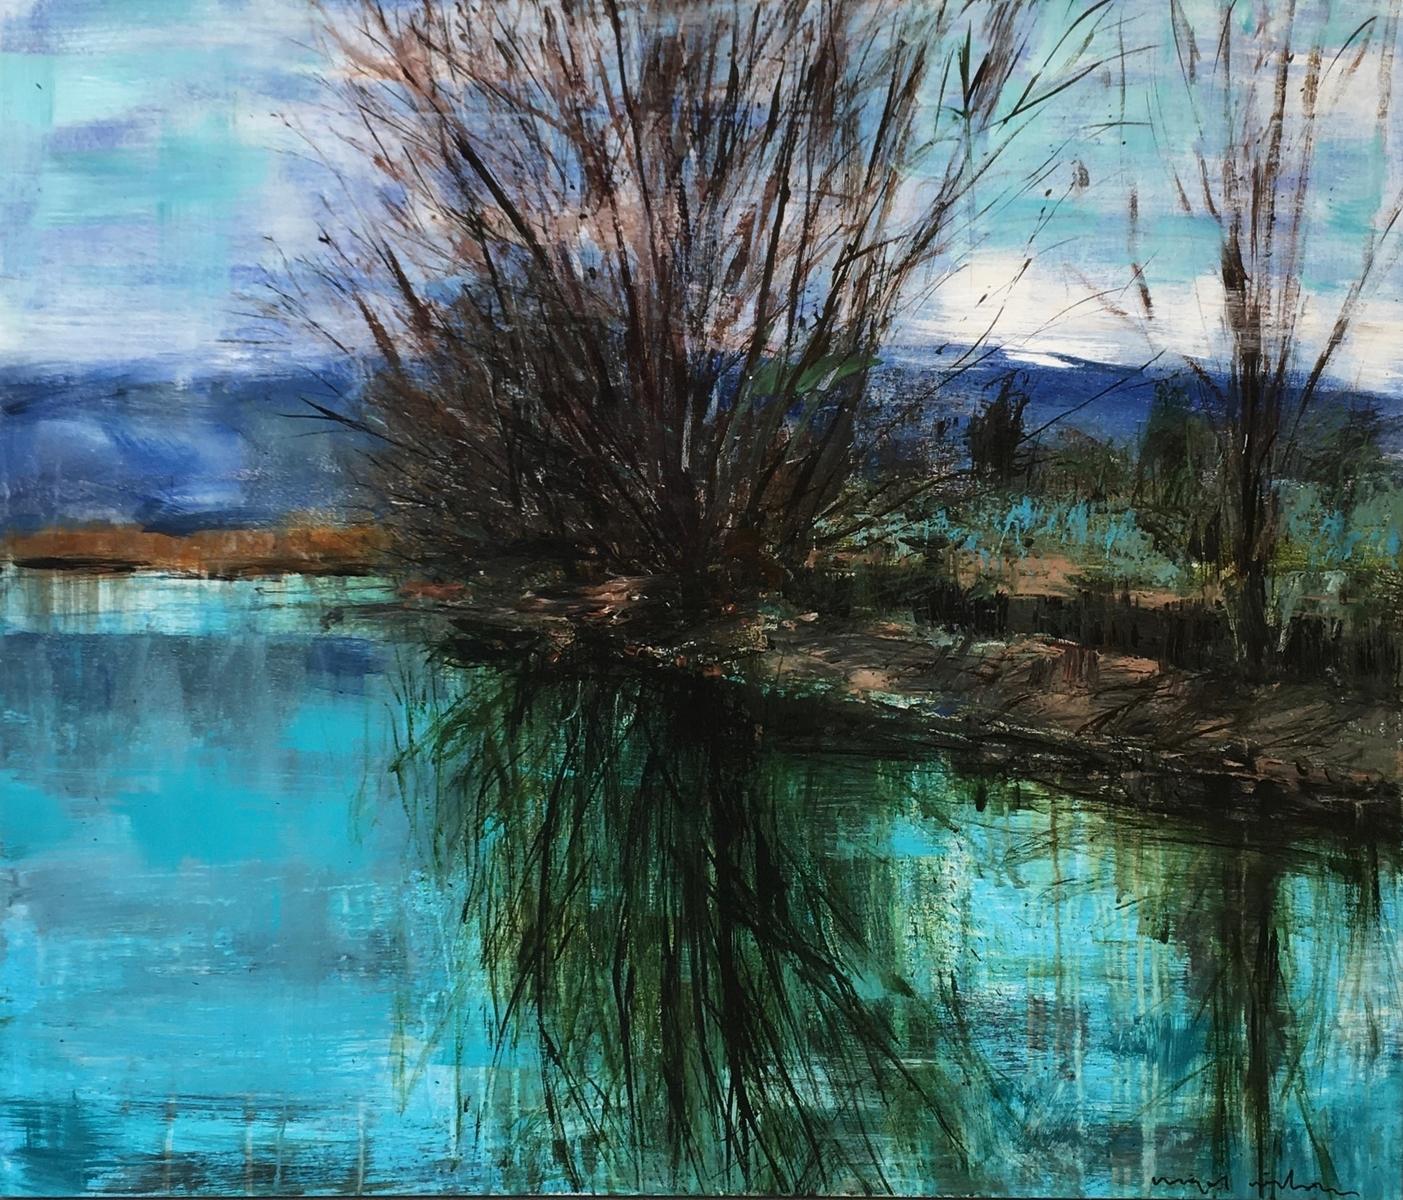 Manuherikia River - Alex End - #2